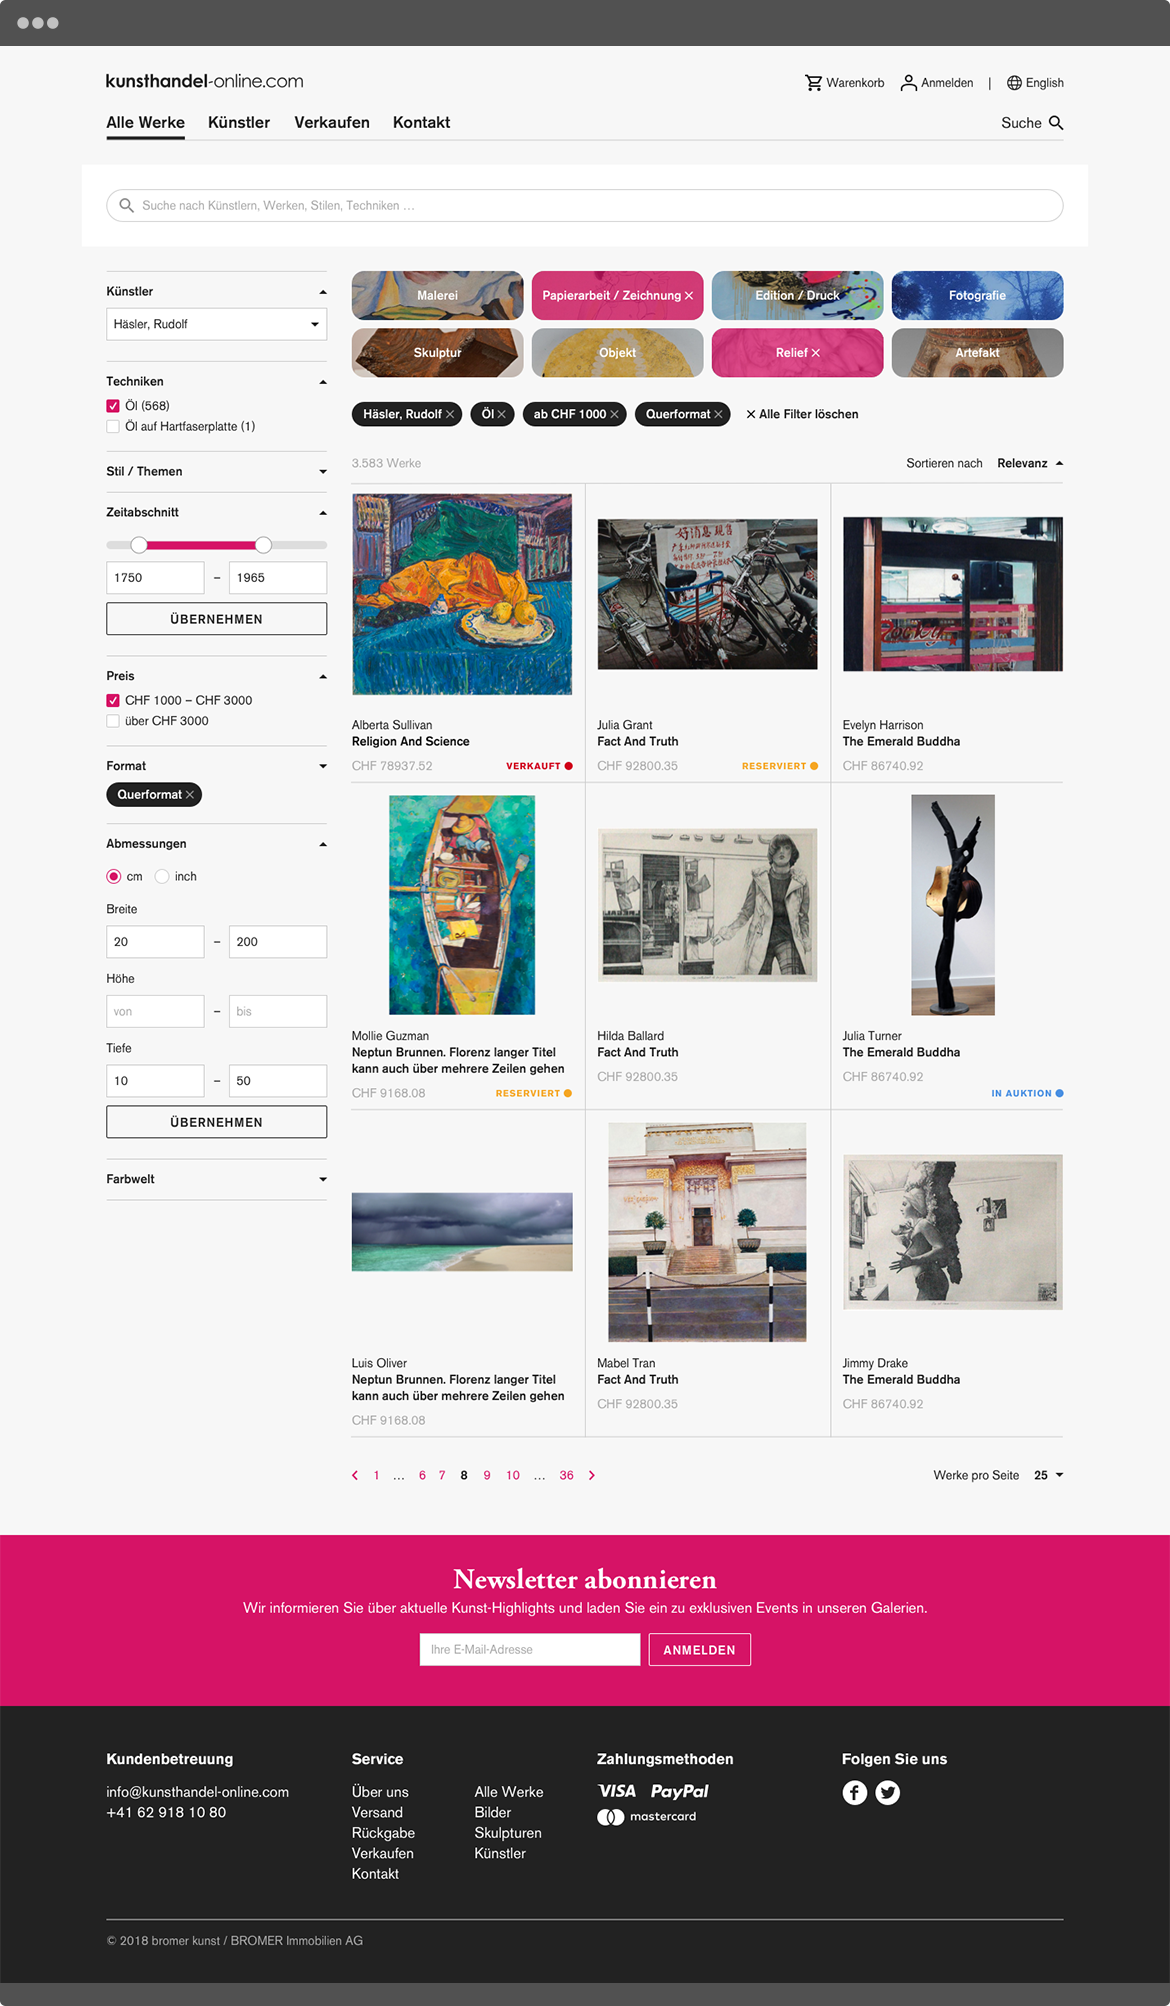 kunsthandel-online.com Kunstwerksuche mit Filterfunktionen